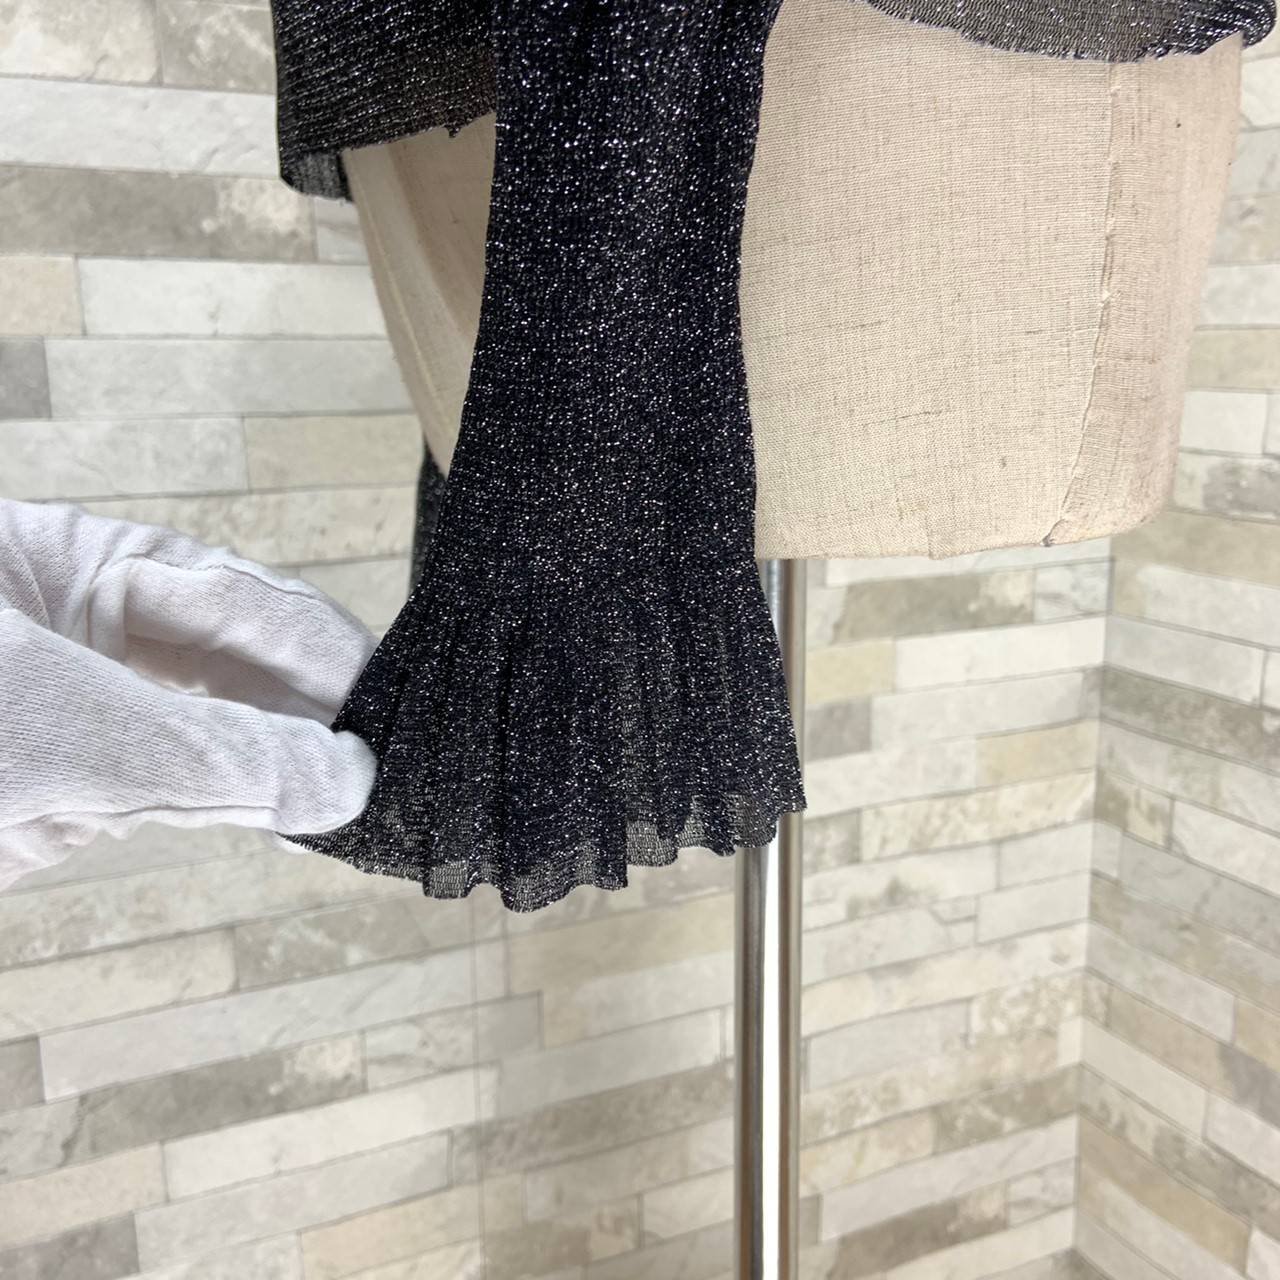 【即納】韓国 ファッション パーティードレス 結婚式 お呼ばれドレス セットアップ 秋 冬 春 パーティー ブライダル SPTXG154  シースルー ペプラム タイト キャ 二次会 セレブ きれいめの写真17枚目